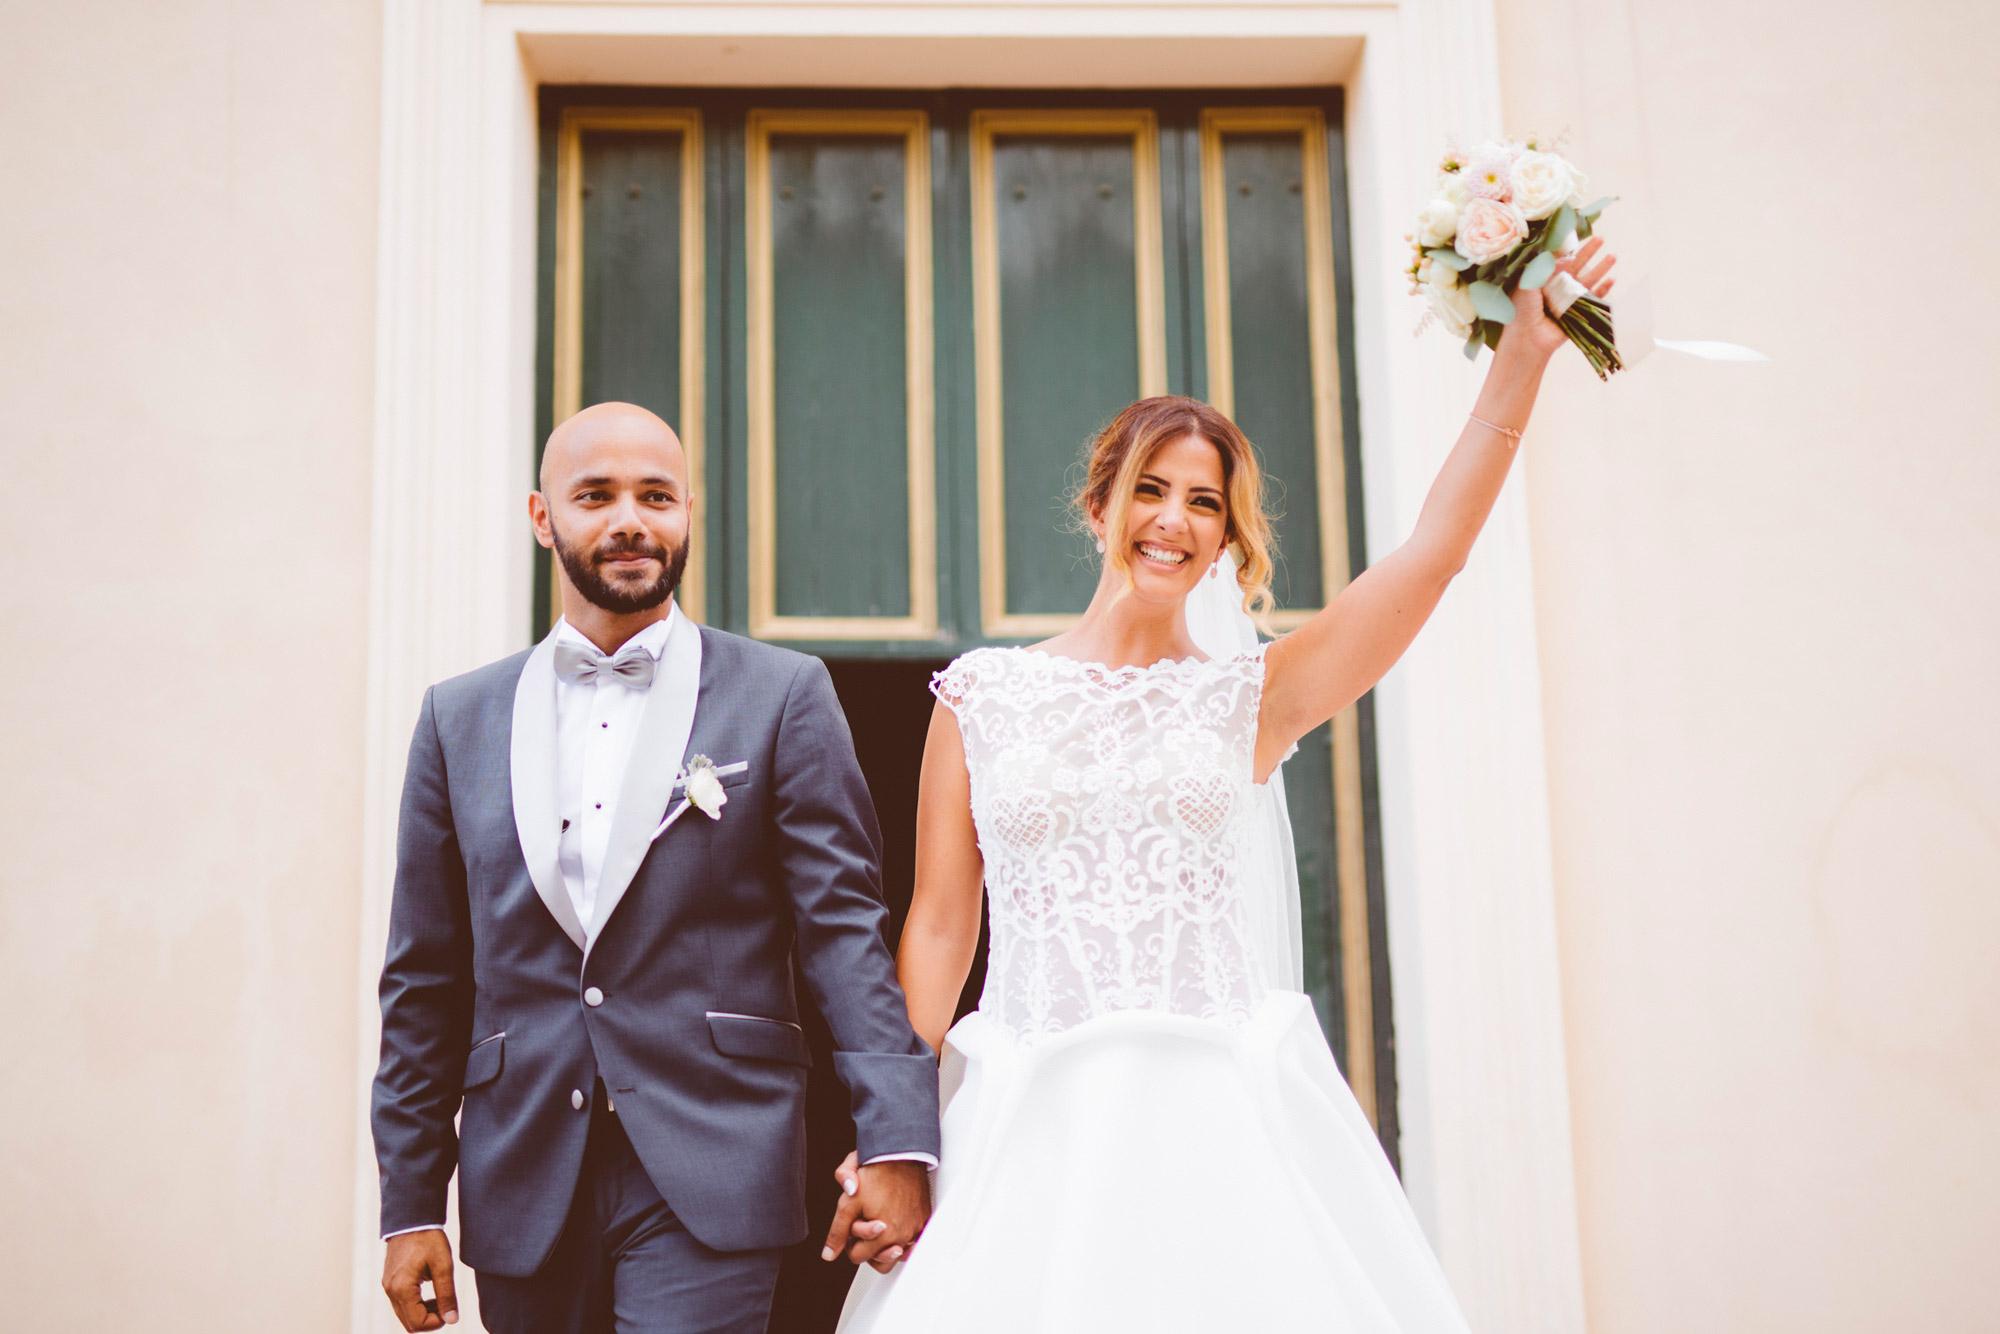 054-santamarinella-wedding-castello-odescalchi.jpg